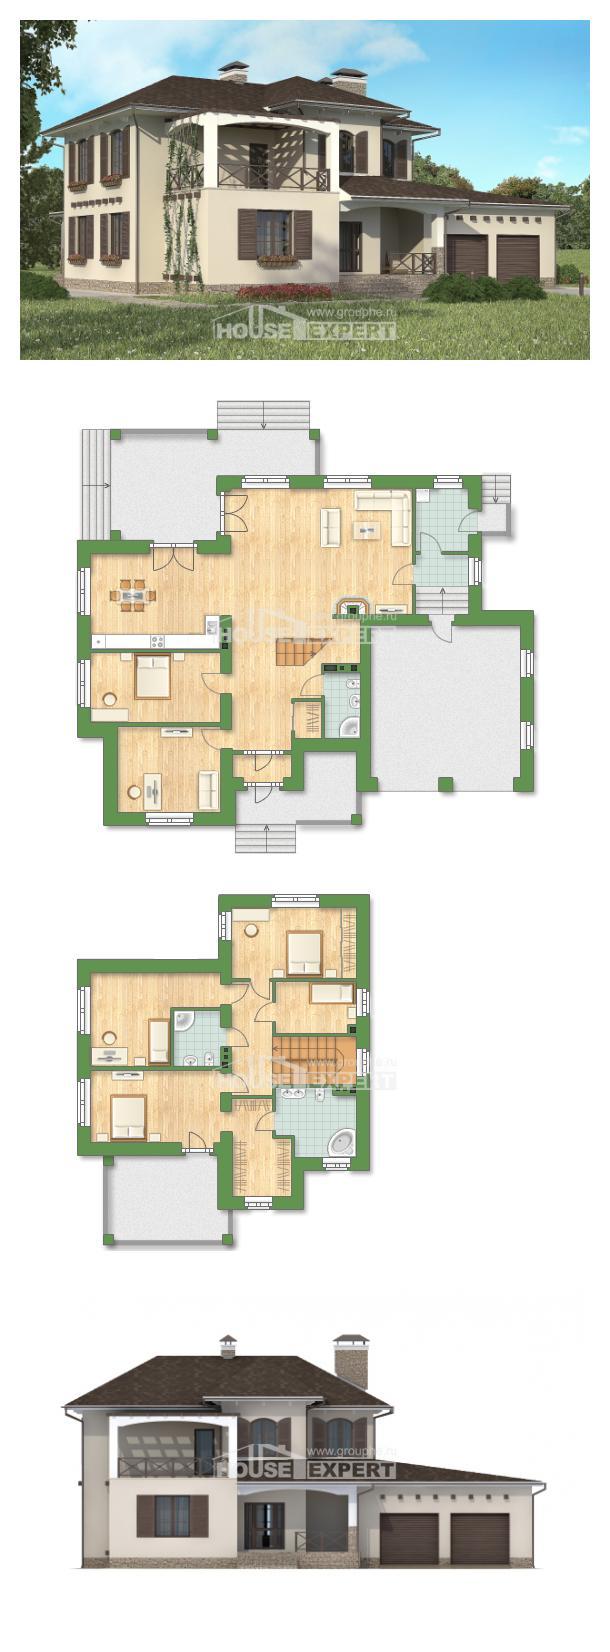 Proyecto de casa 285-002-R   House Expert